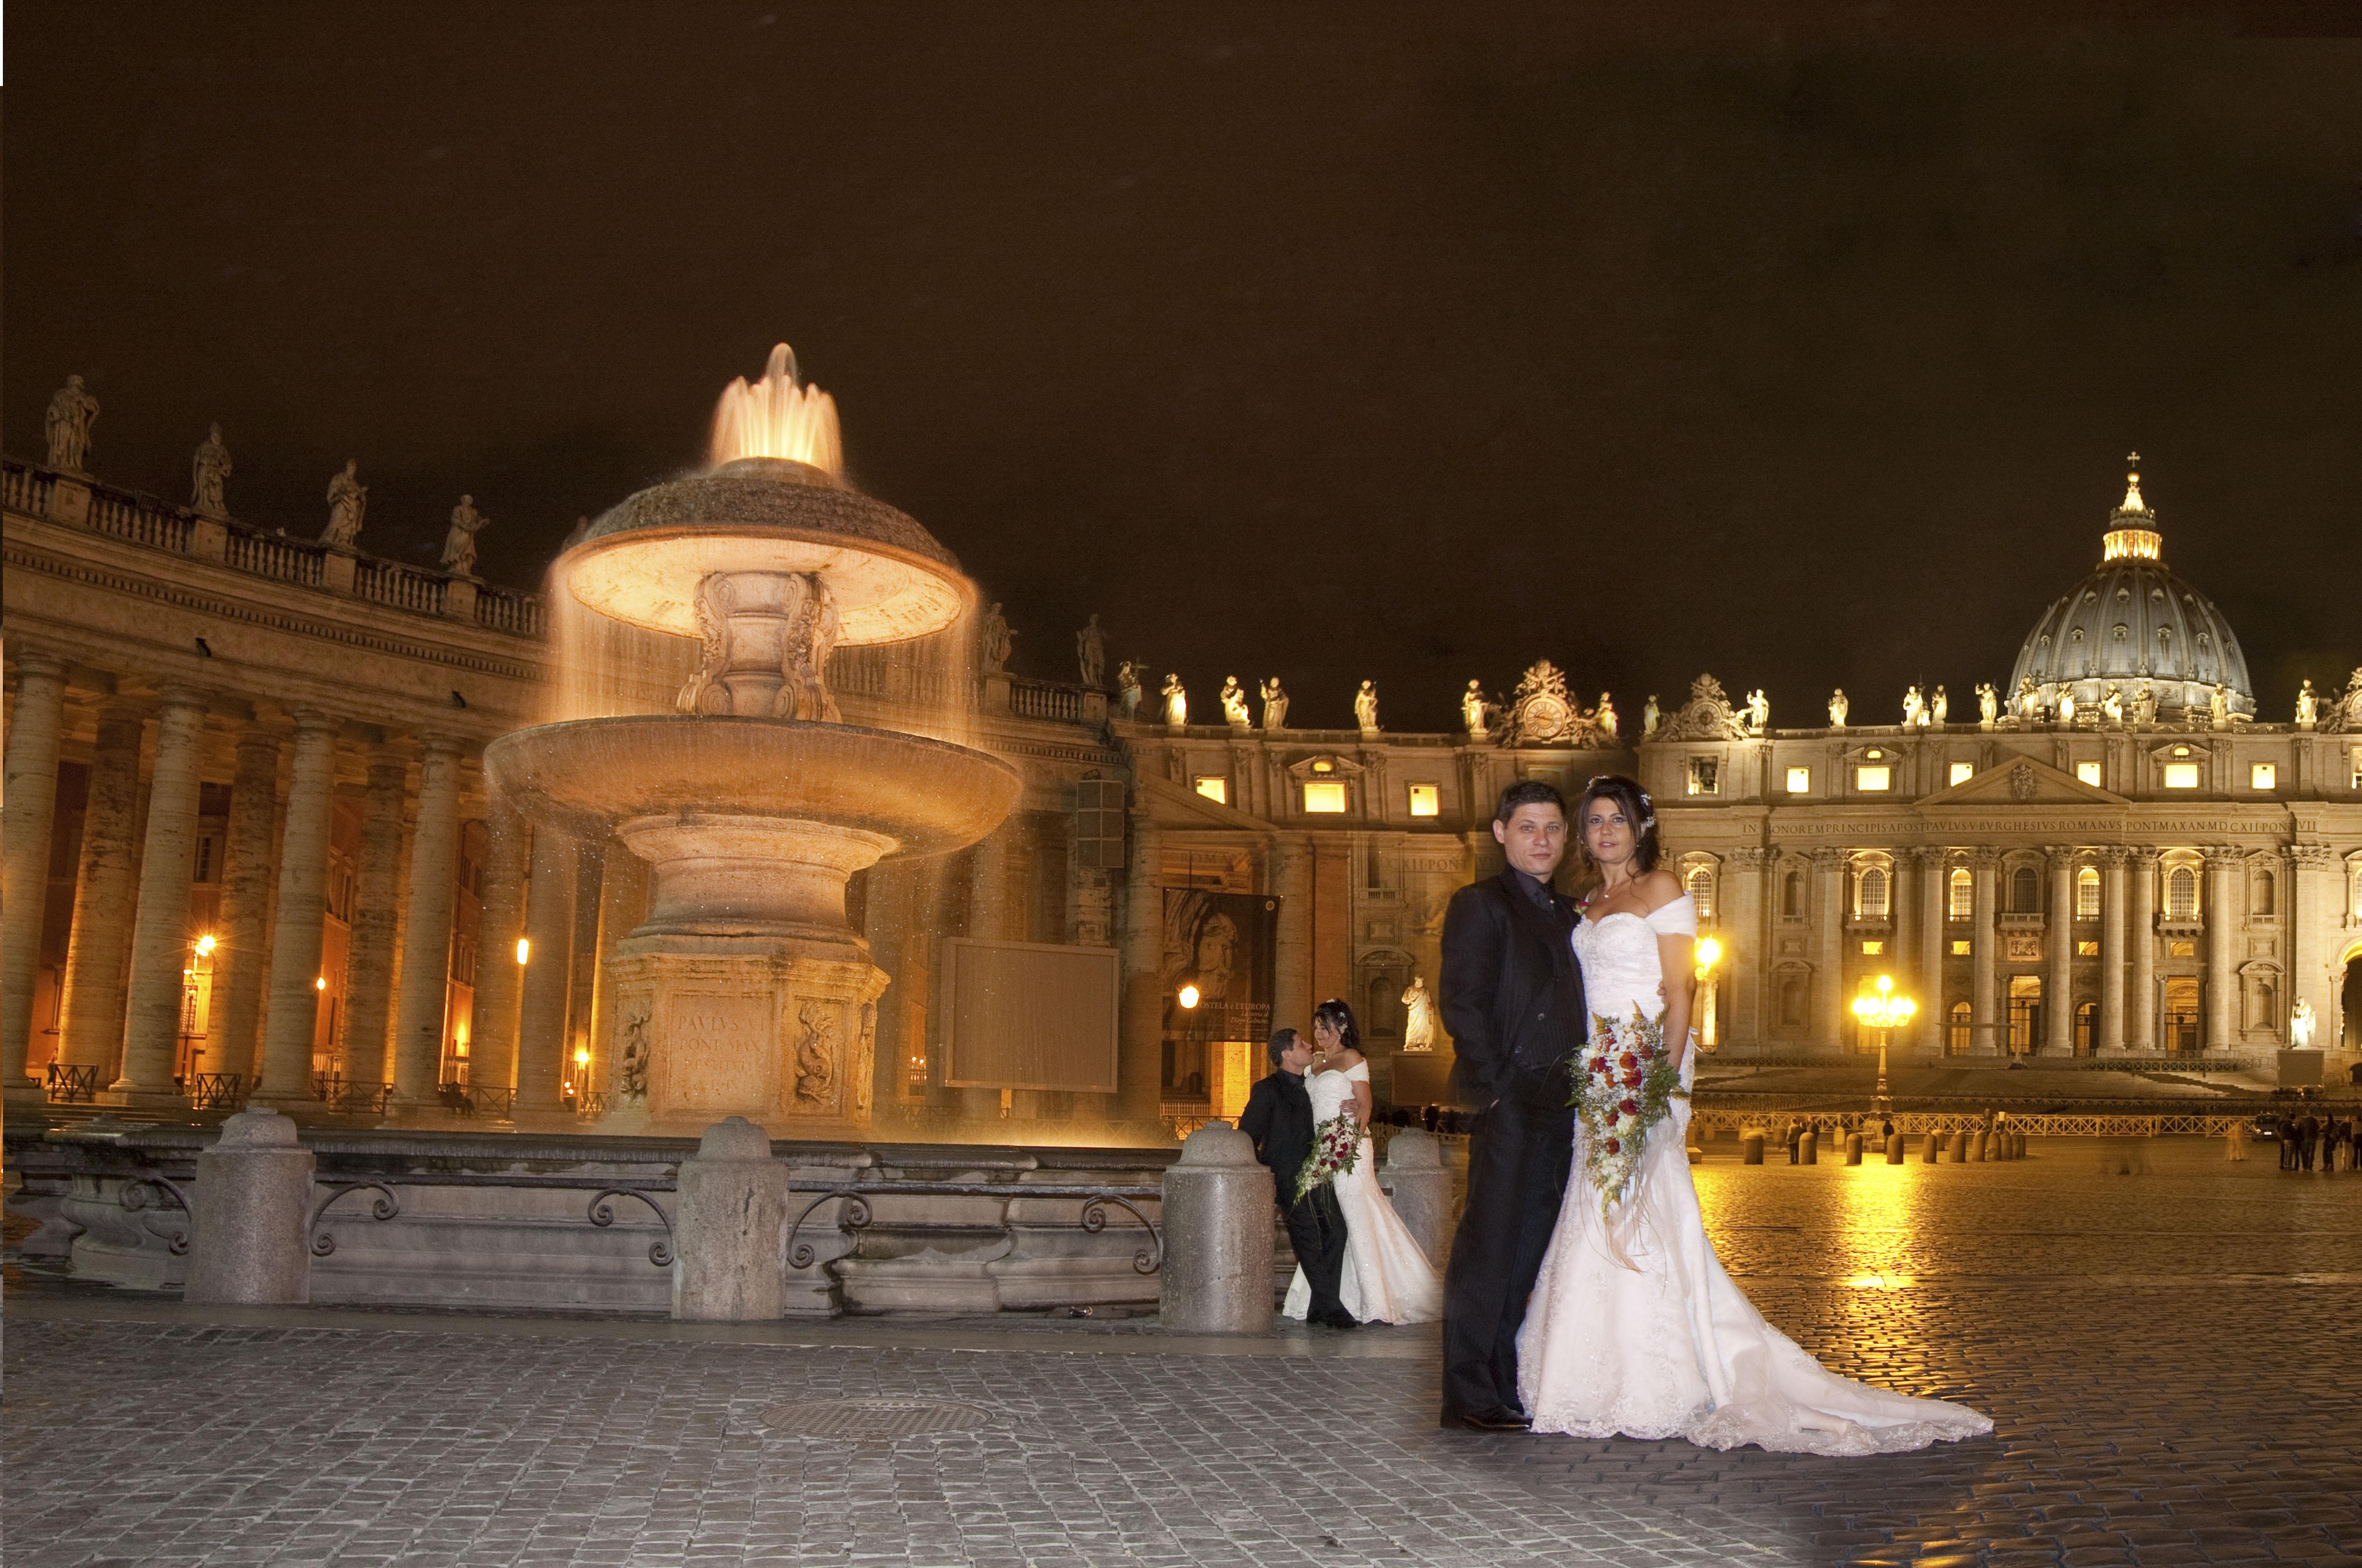 Servizio fotografico di matrimonio notturno a Roma